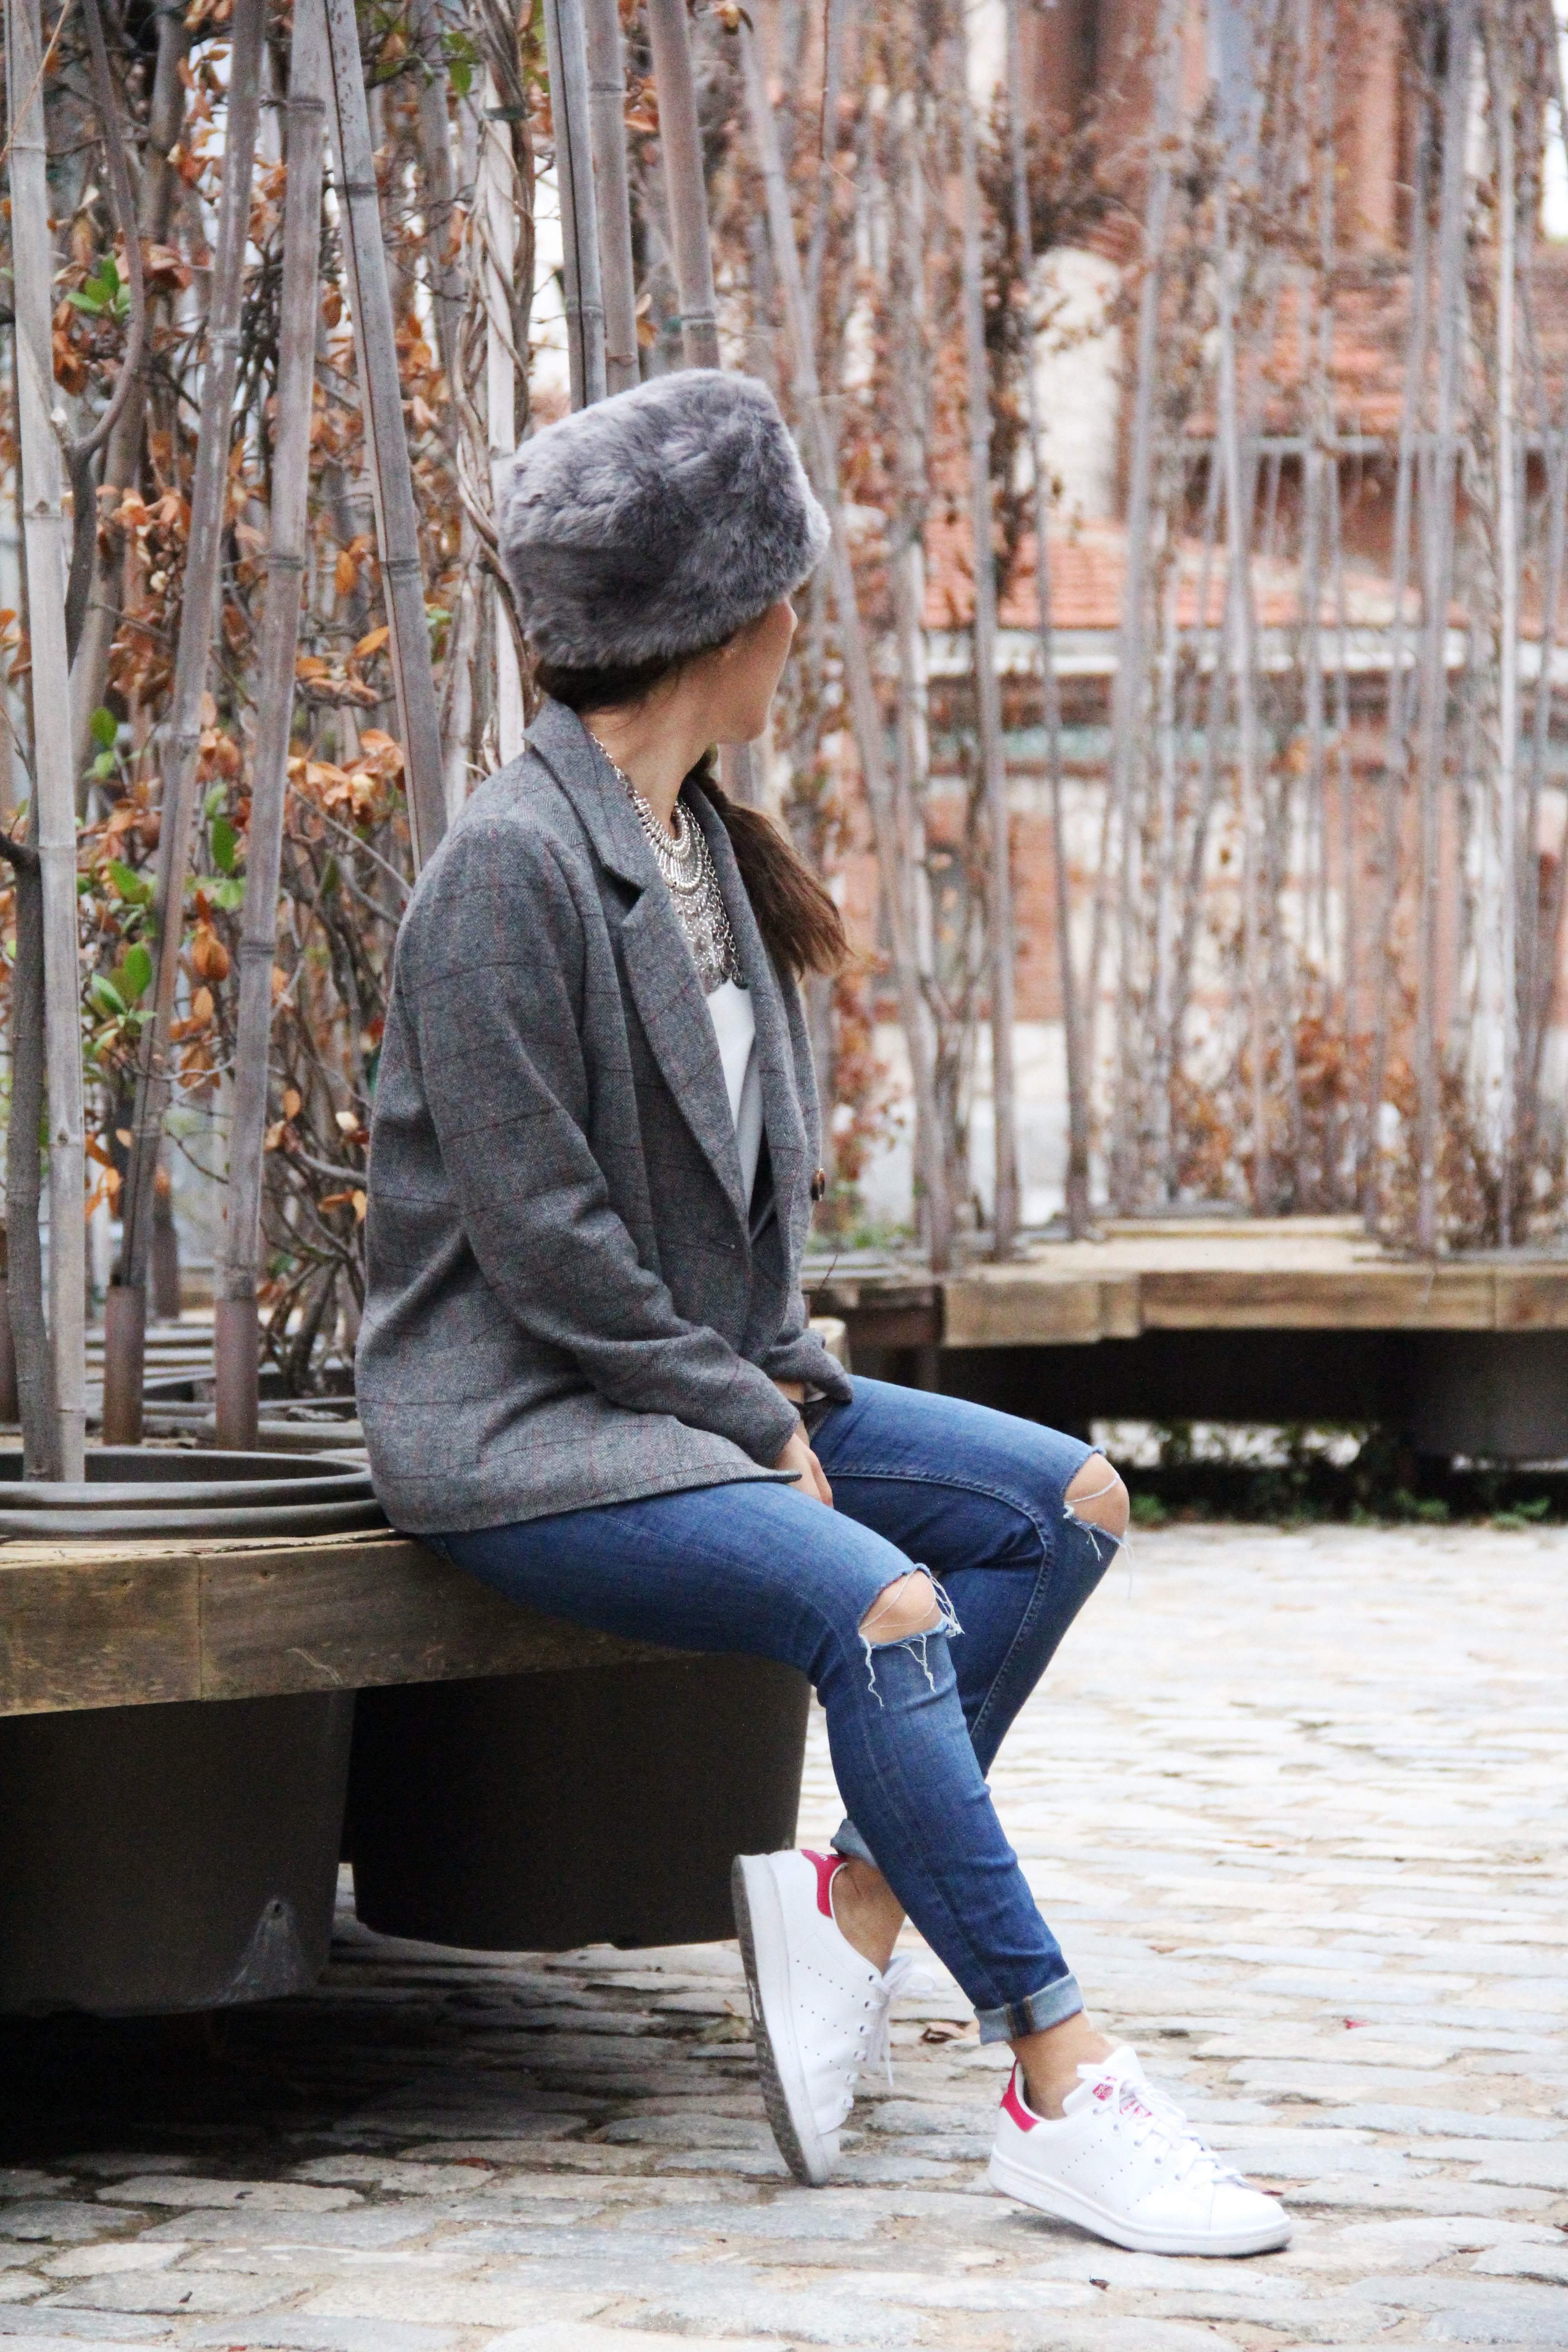 5_Less_is_more-ripped_jeans-compañía_fantástica-zapatillas_blancas-sneackers-gorro_de_pelo-blazer_de_cuadros-outfit-street_style-outfit-fashion_blogger